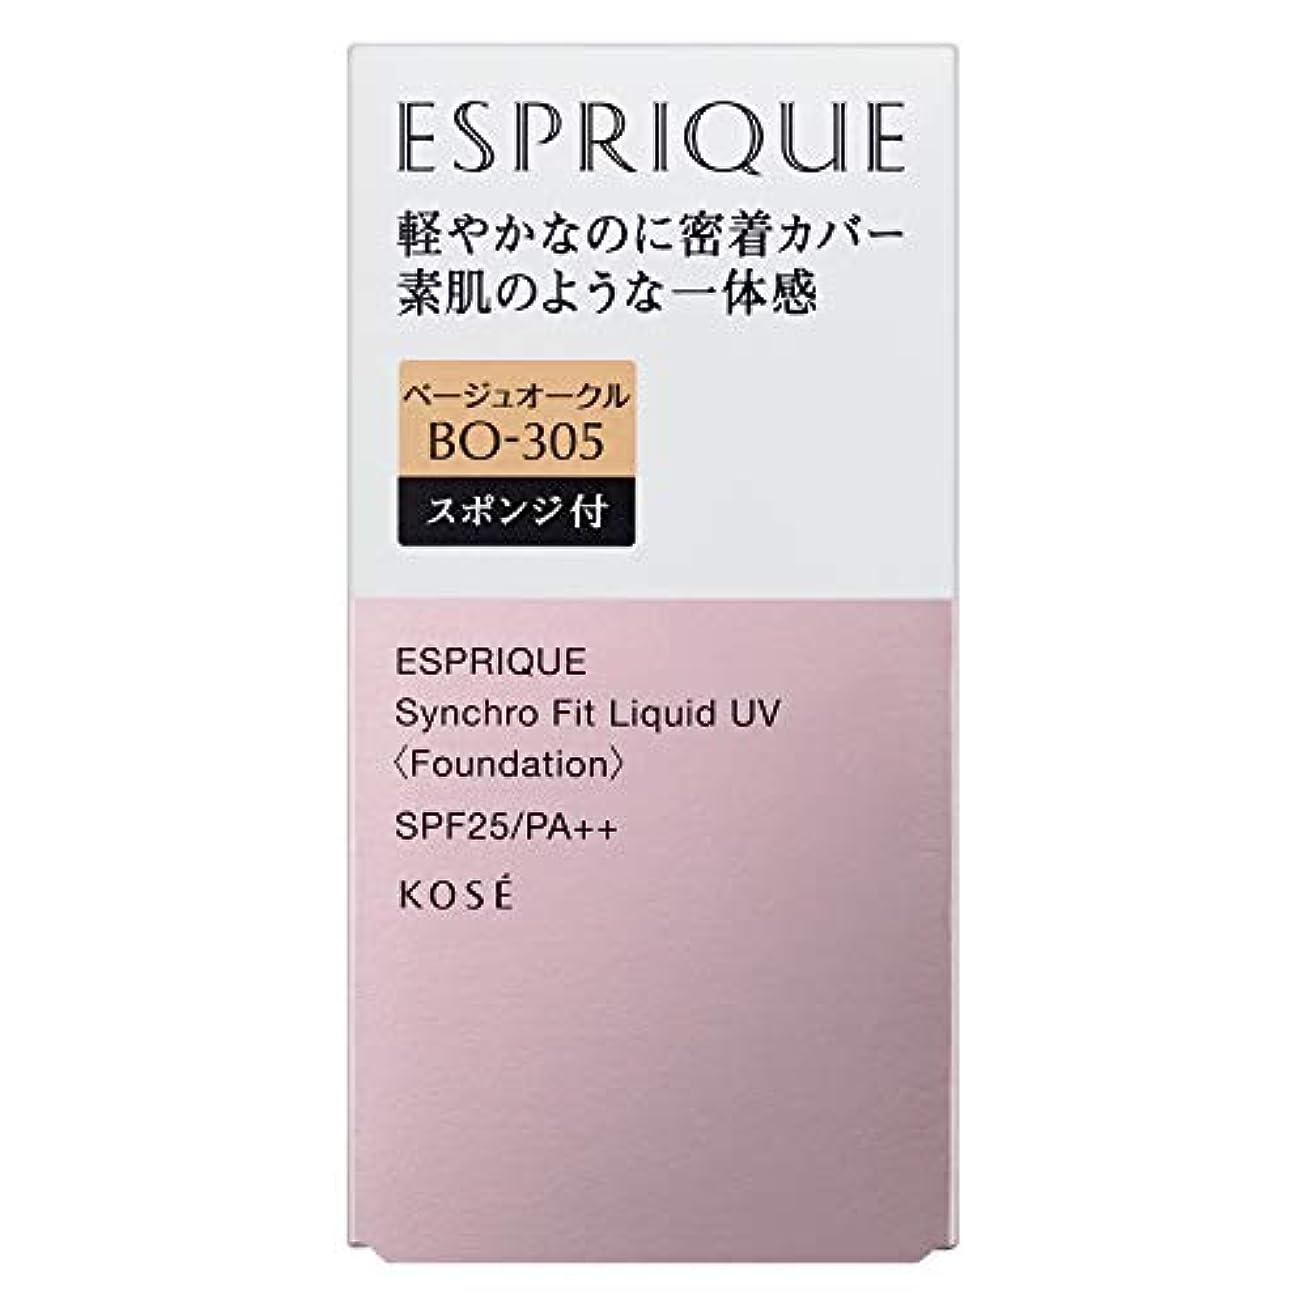 コミュニケーション倫理模倣ESPRIQUE(エスプリーク) エスプリーク シンクロフィット リキッド UV ファンデーション 無香料 BO-305 ベージュオークル 30g